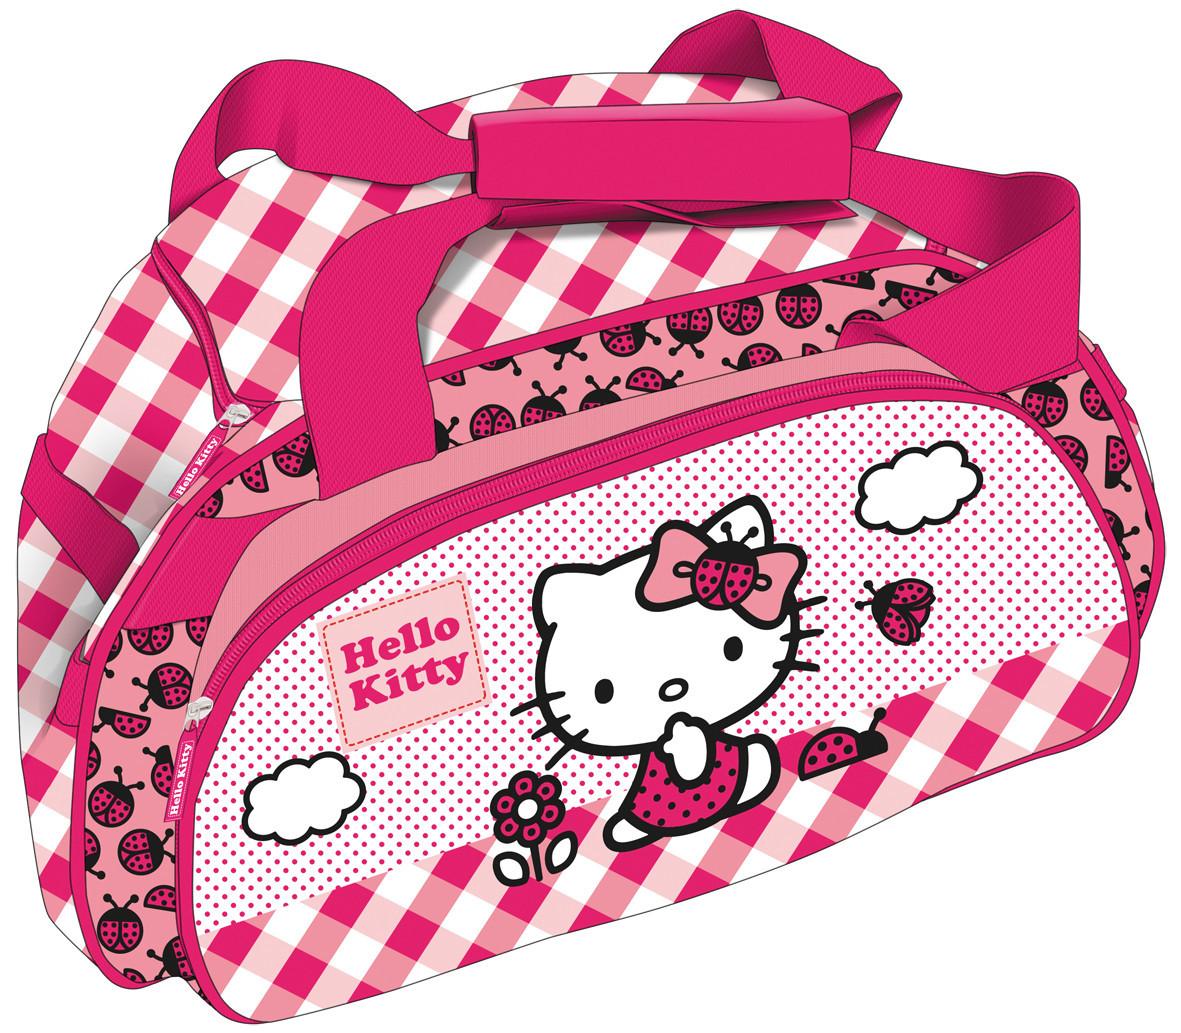 Как сделать детскую сумочку своими руками хелло китти